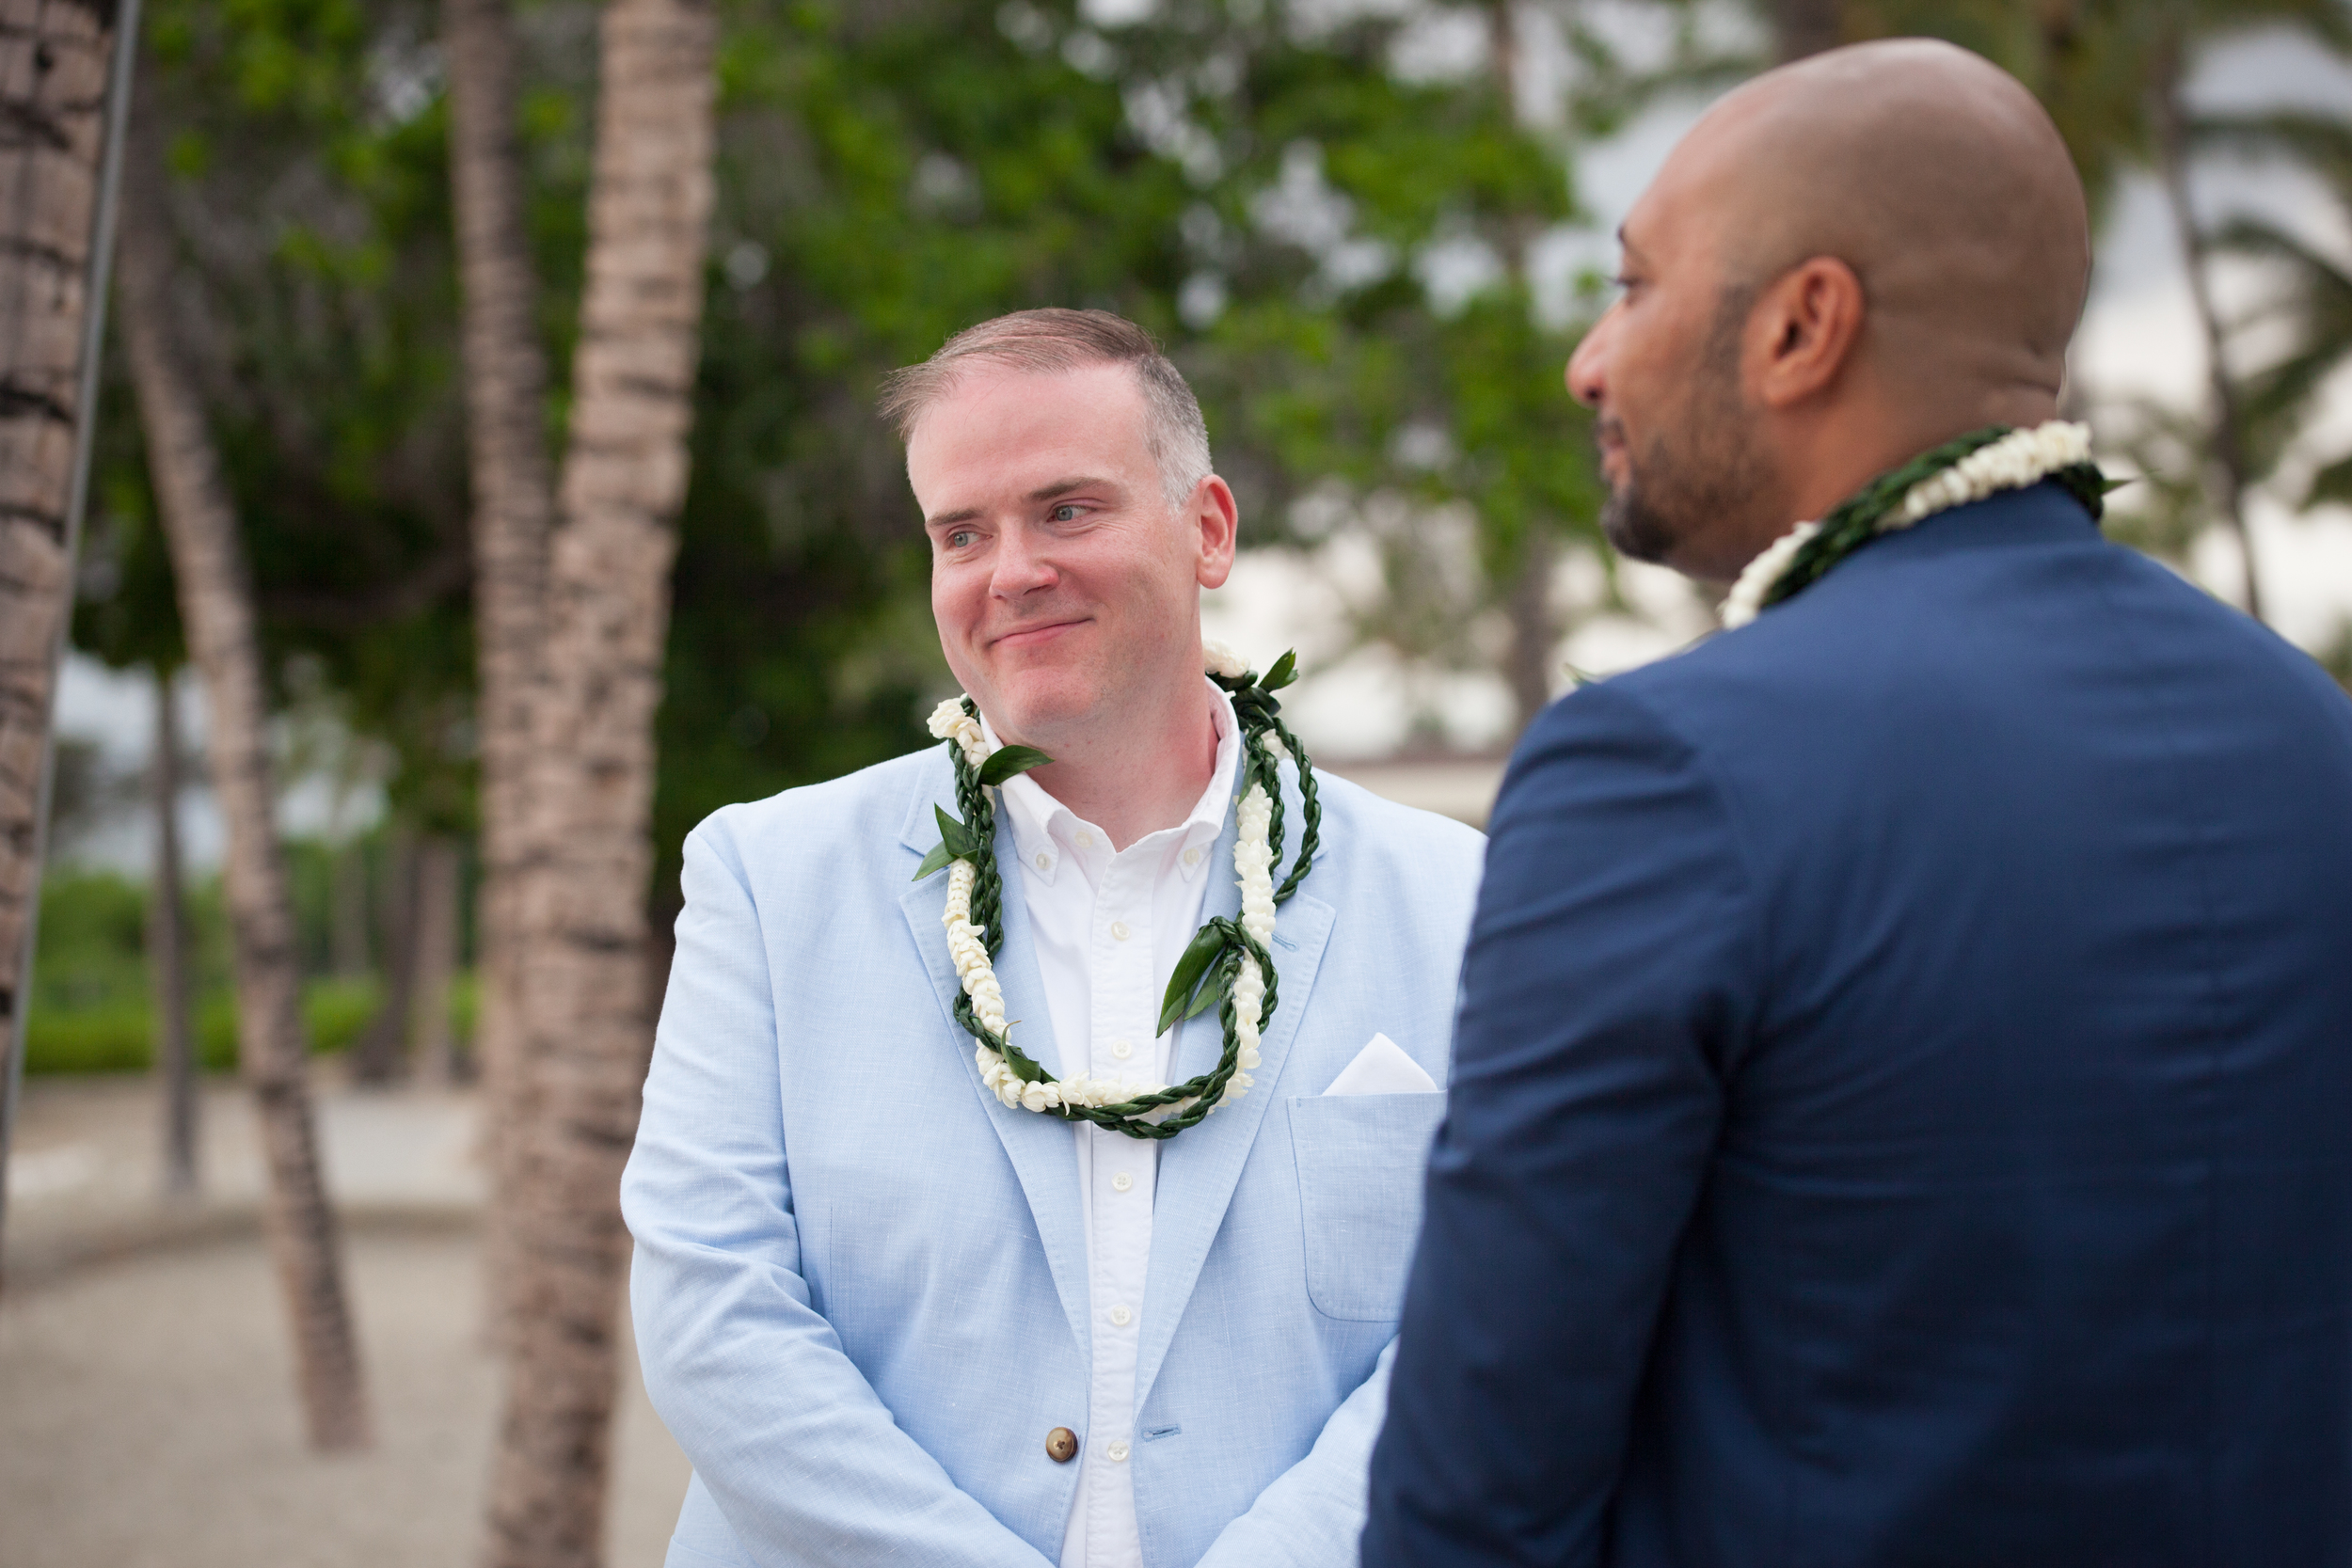 big island hawaii rmauna lani beach wedding © kelilina photography 20160601182849-3.jpg